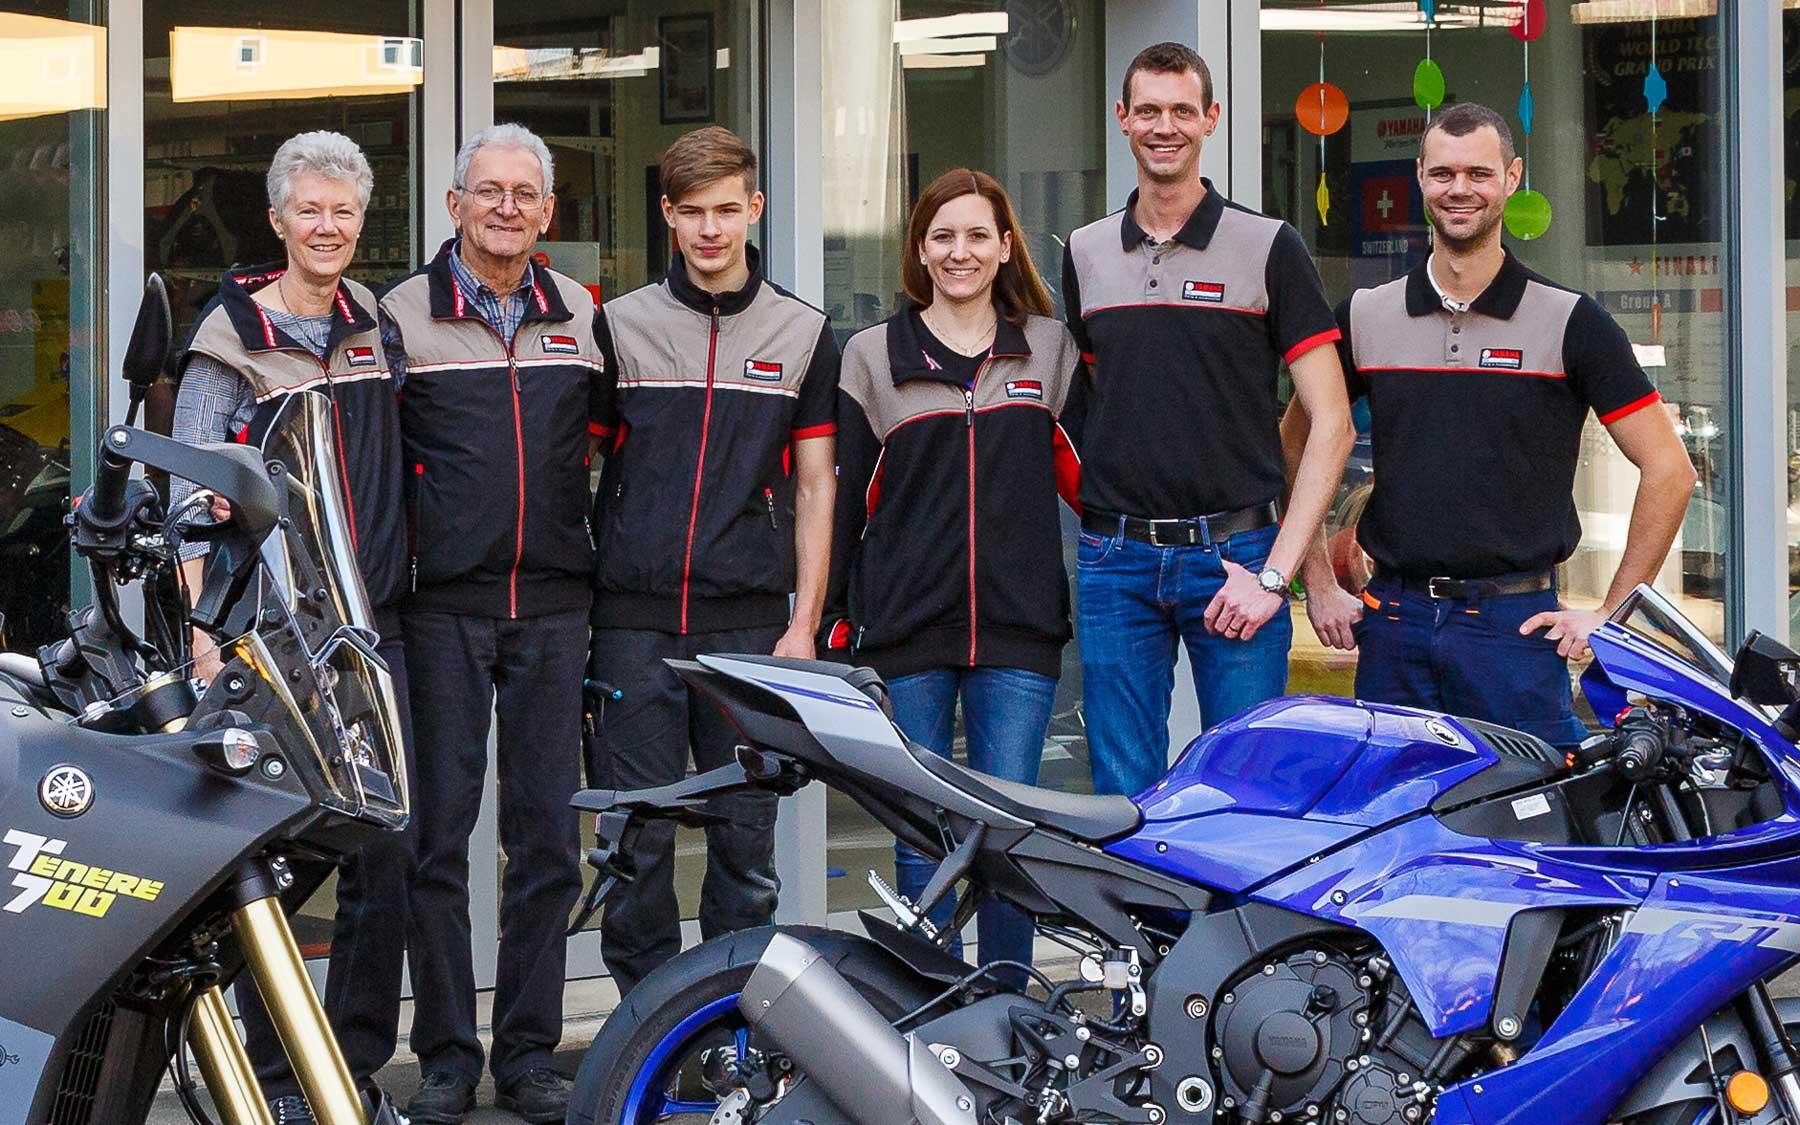 Das mathys motos ag Team (v.l.n.r.): Charlie, Jimmy, Lars, Sabrina, Philippe und Dominique